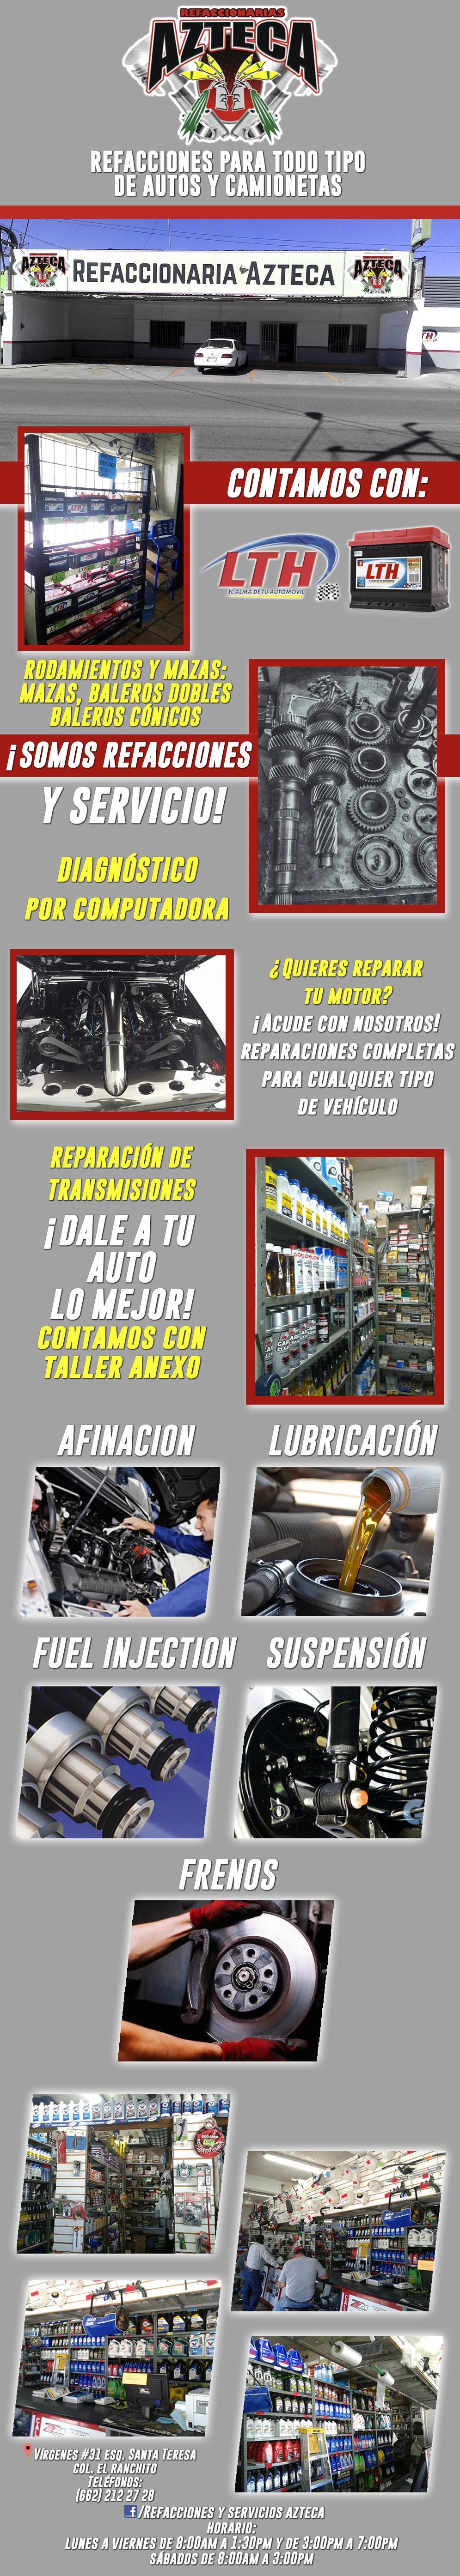 refaccionaria azteca ranchito en hermosillo anunciado por On refaccionarias en hermosillo